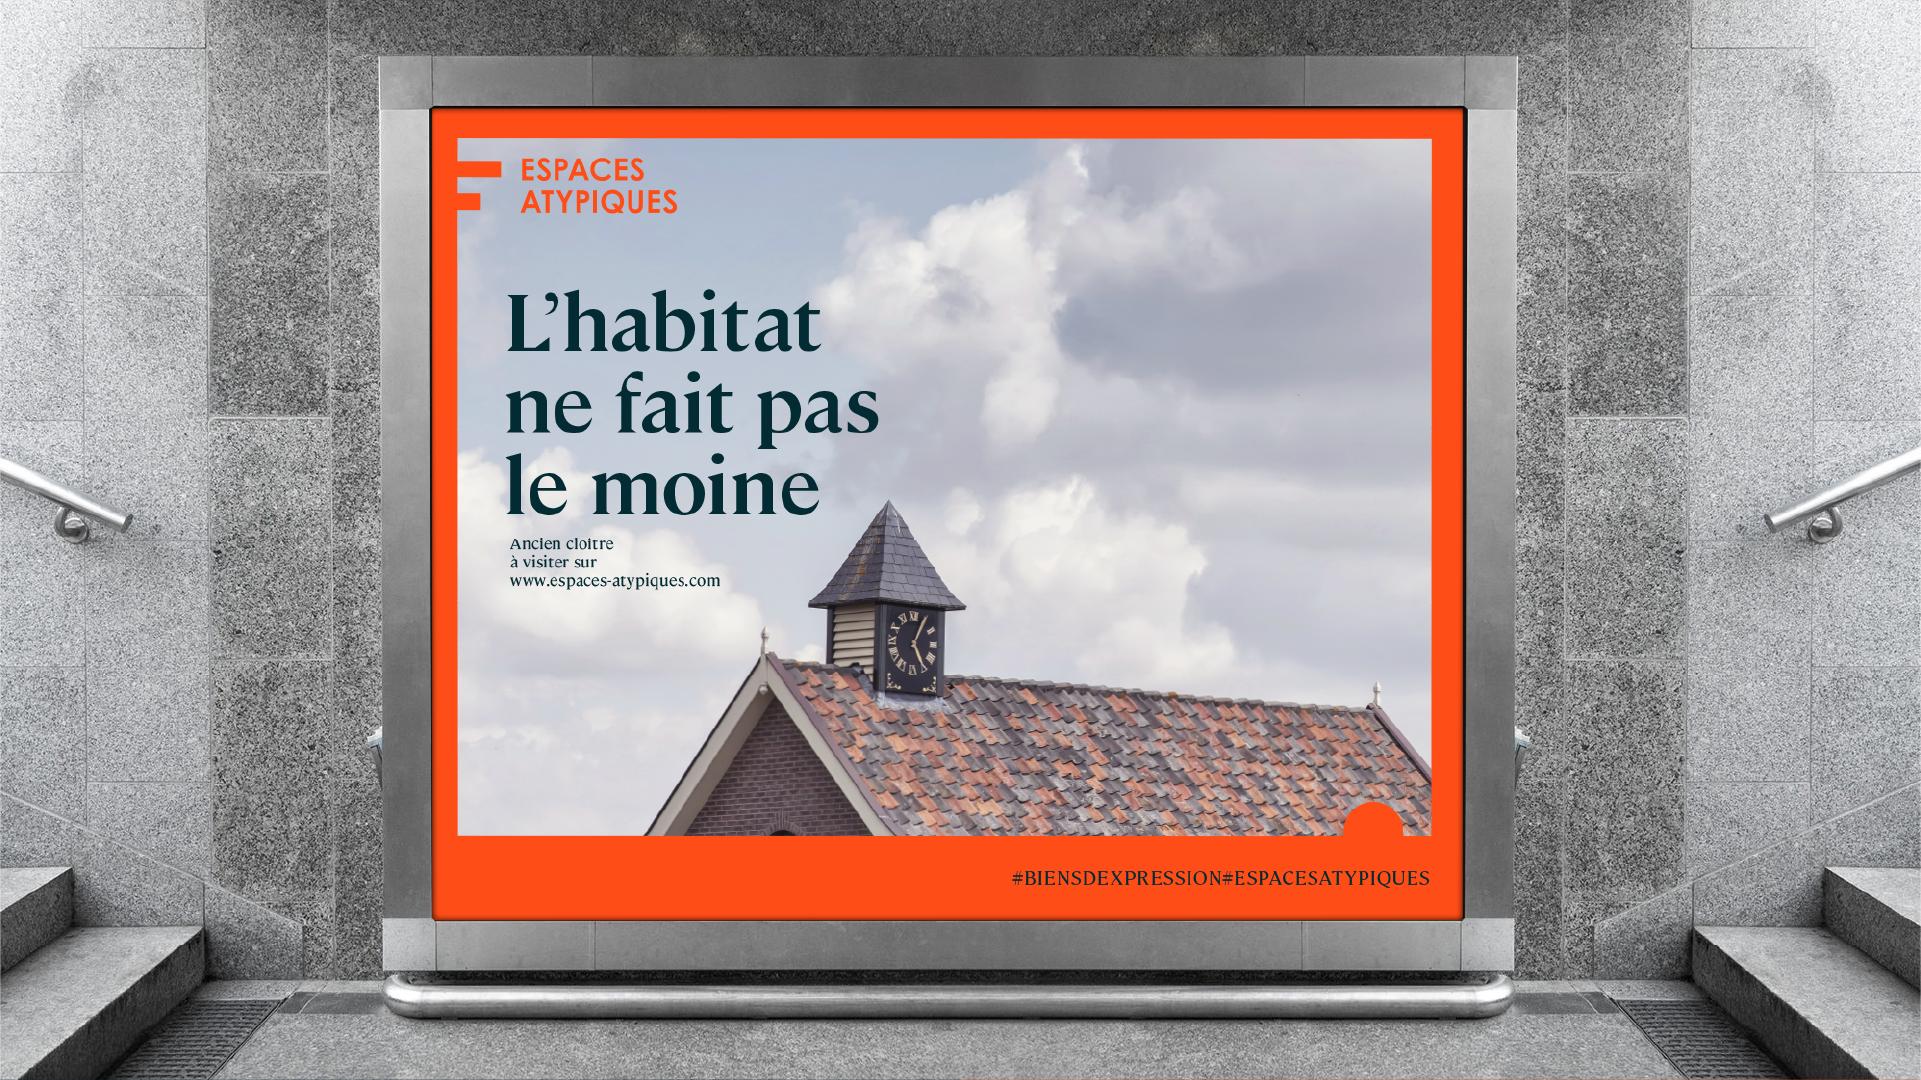 Application sur un grand panneau publicitaire de la nouvelle identité Espaces Atypiques, le texte dit : L'habitat ne fait pas le moine